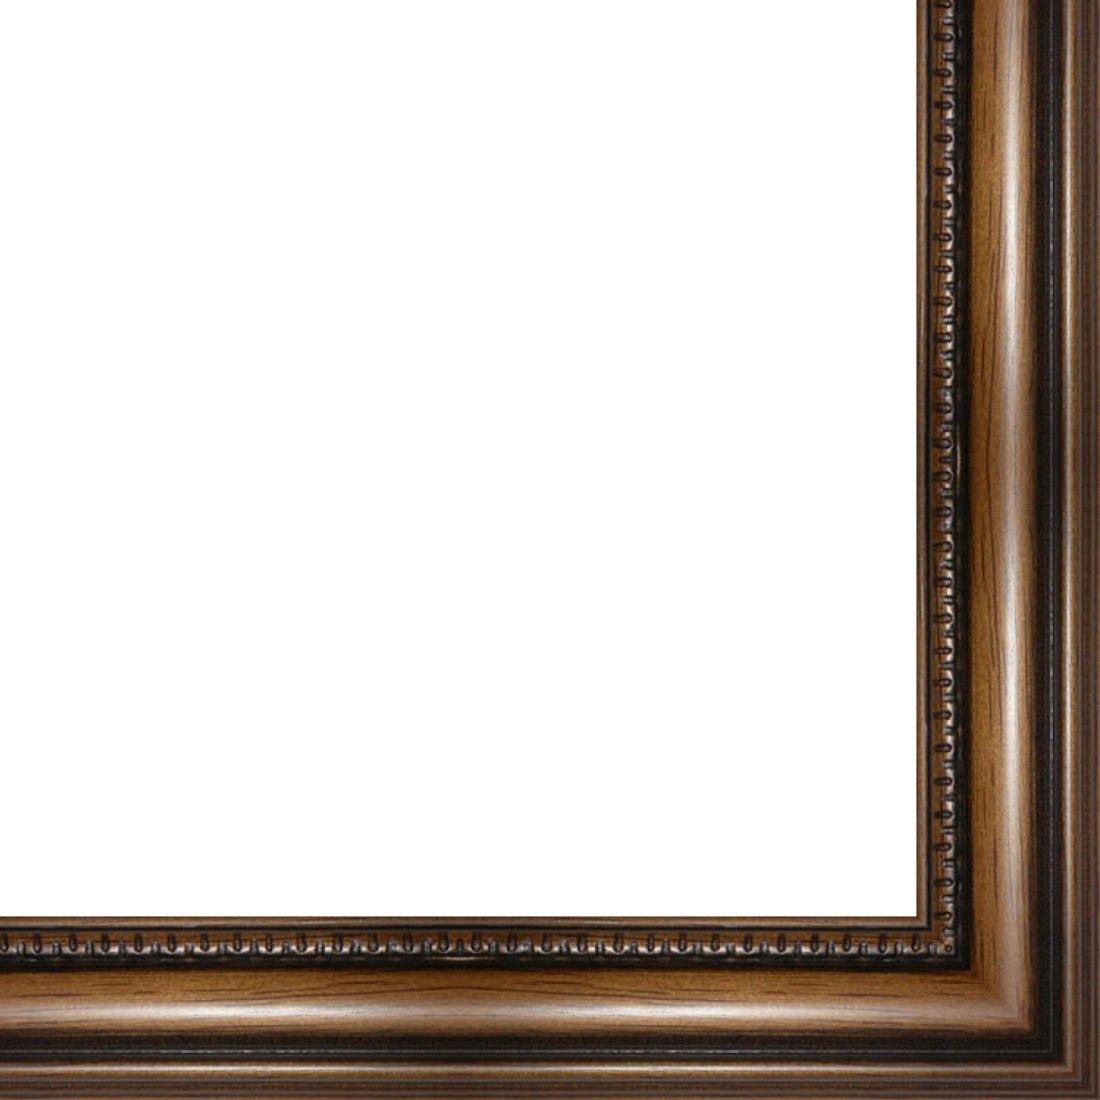 Picture Frame Moulding (Wood) 18ft bundle - Traditional Walnut Finish - 1.25'' width - 3/8'' rabbet depth